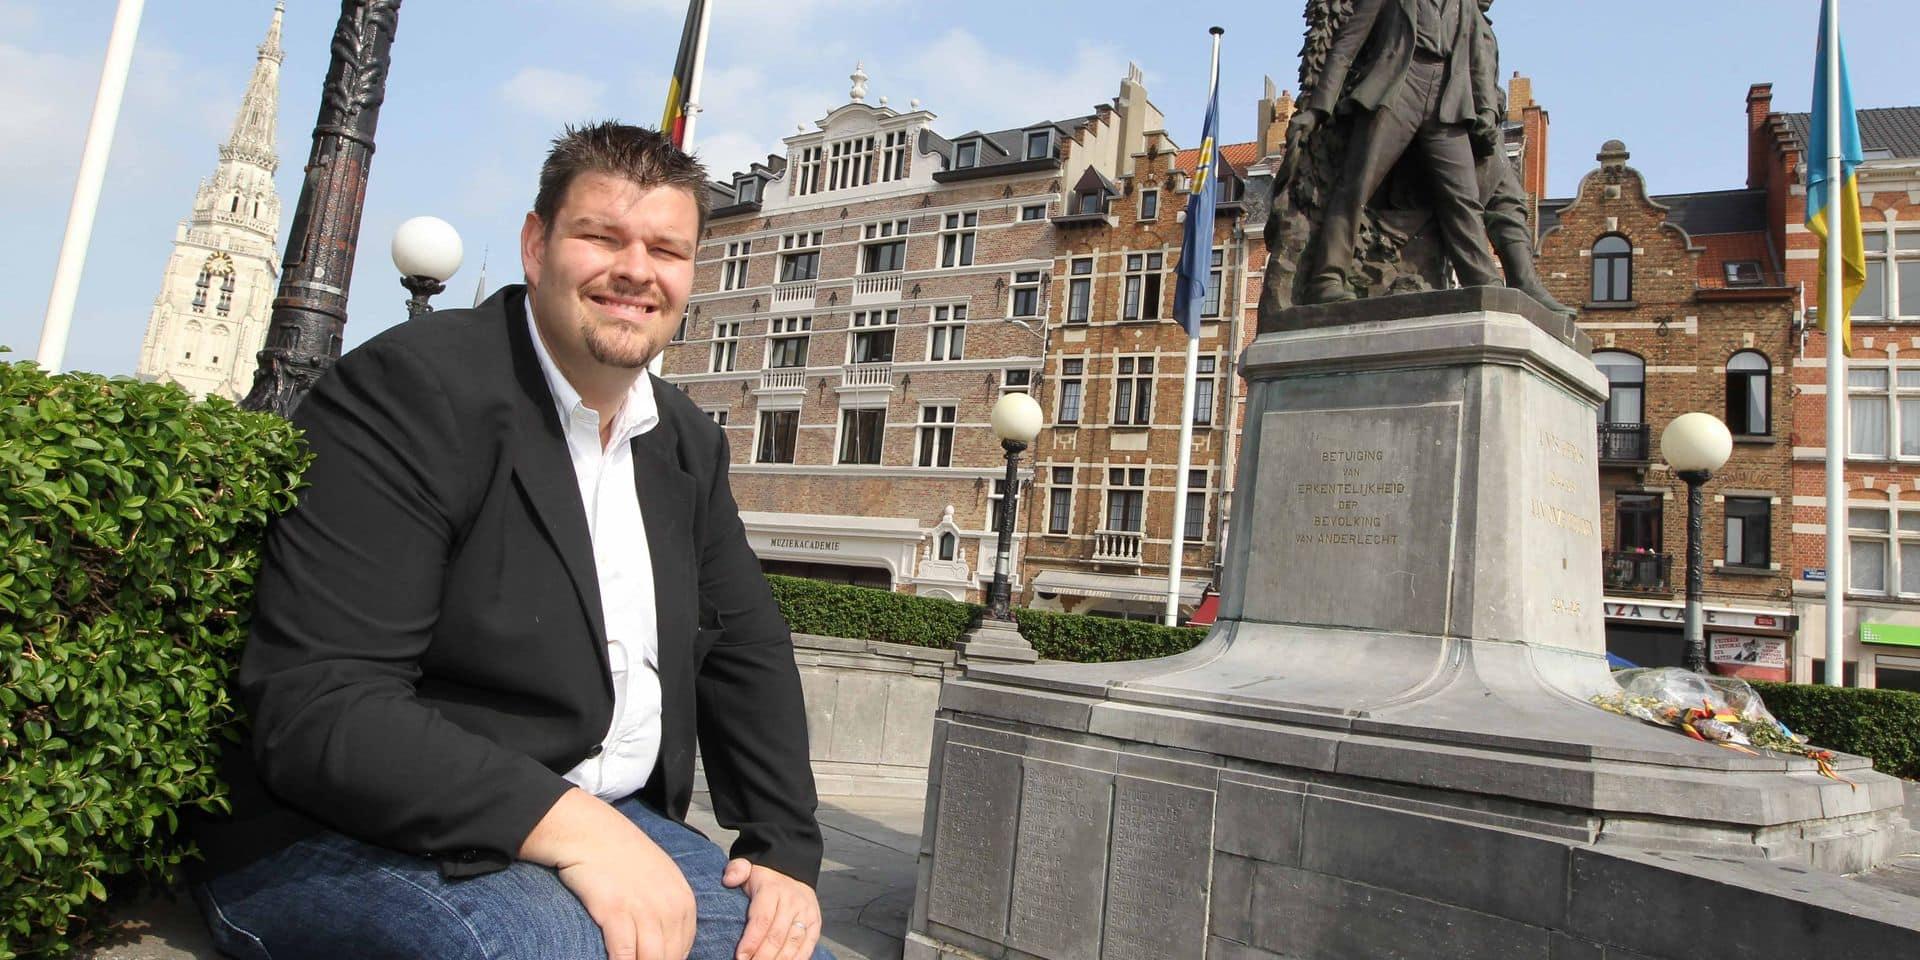 Anderlecht : Un échevin MR explique le fonctionnement des élections dans une école, le PTB s'insurge